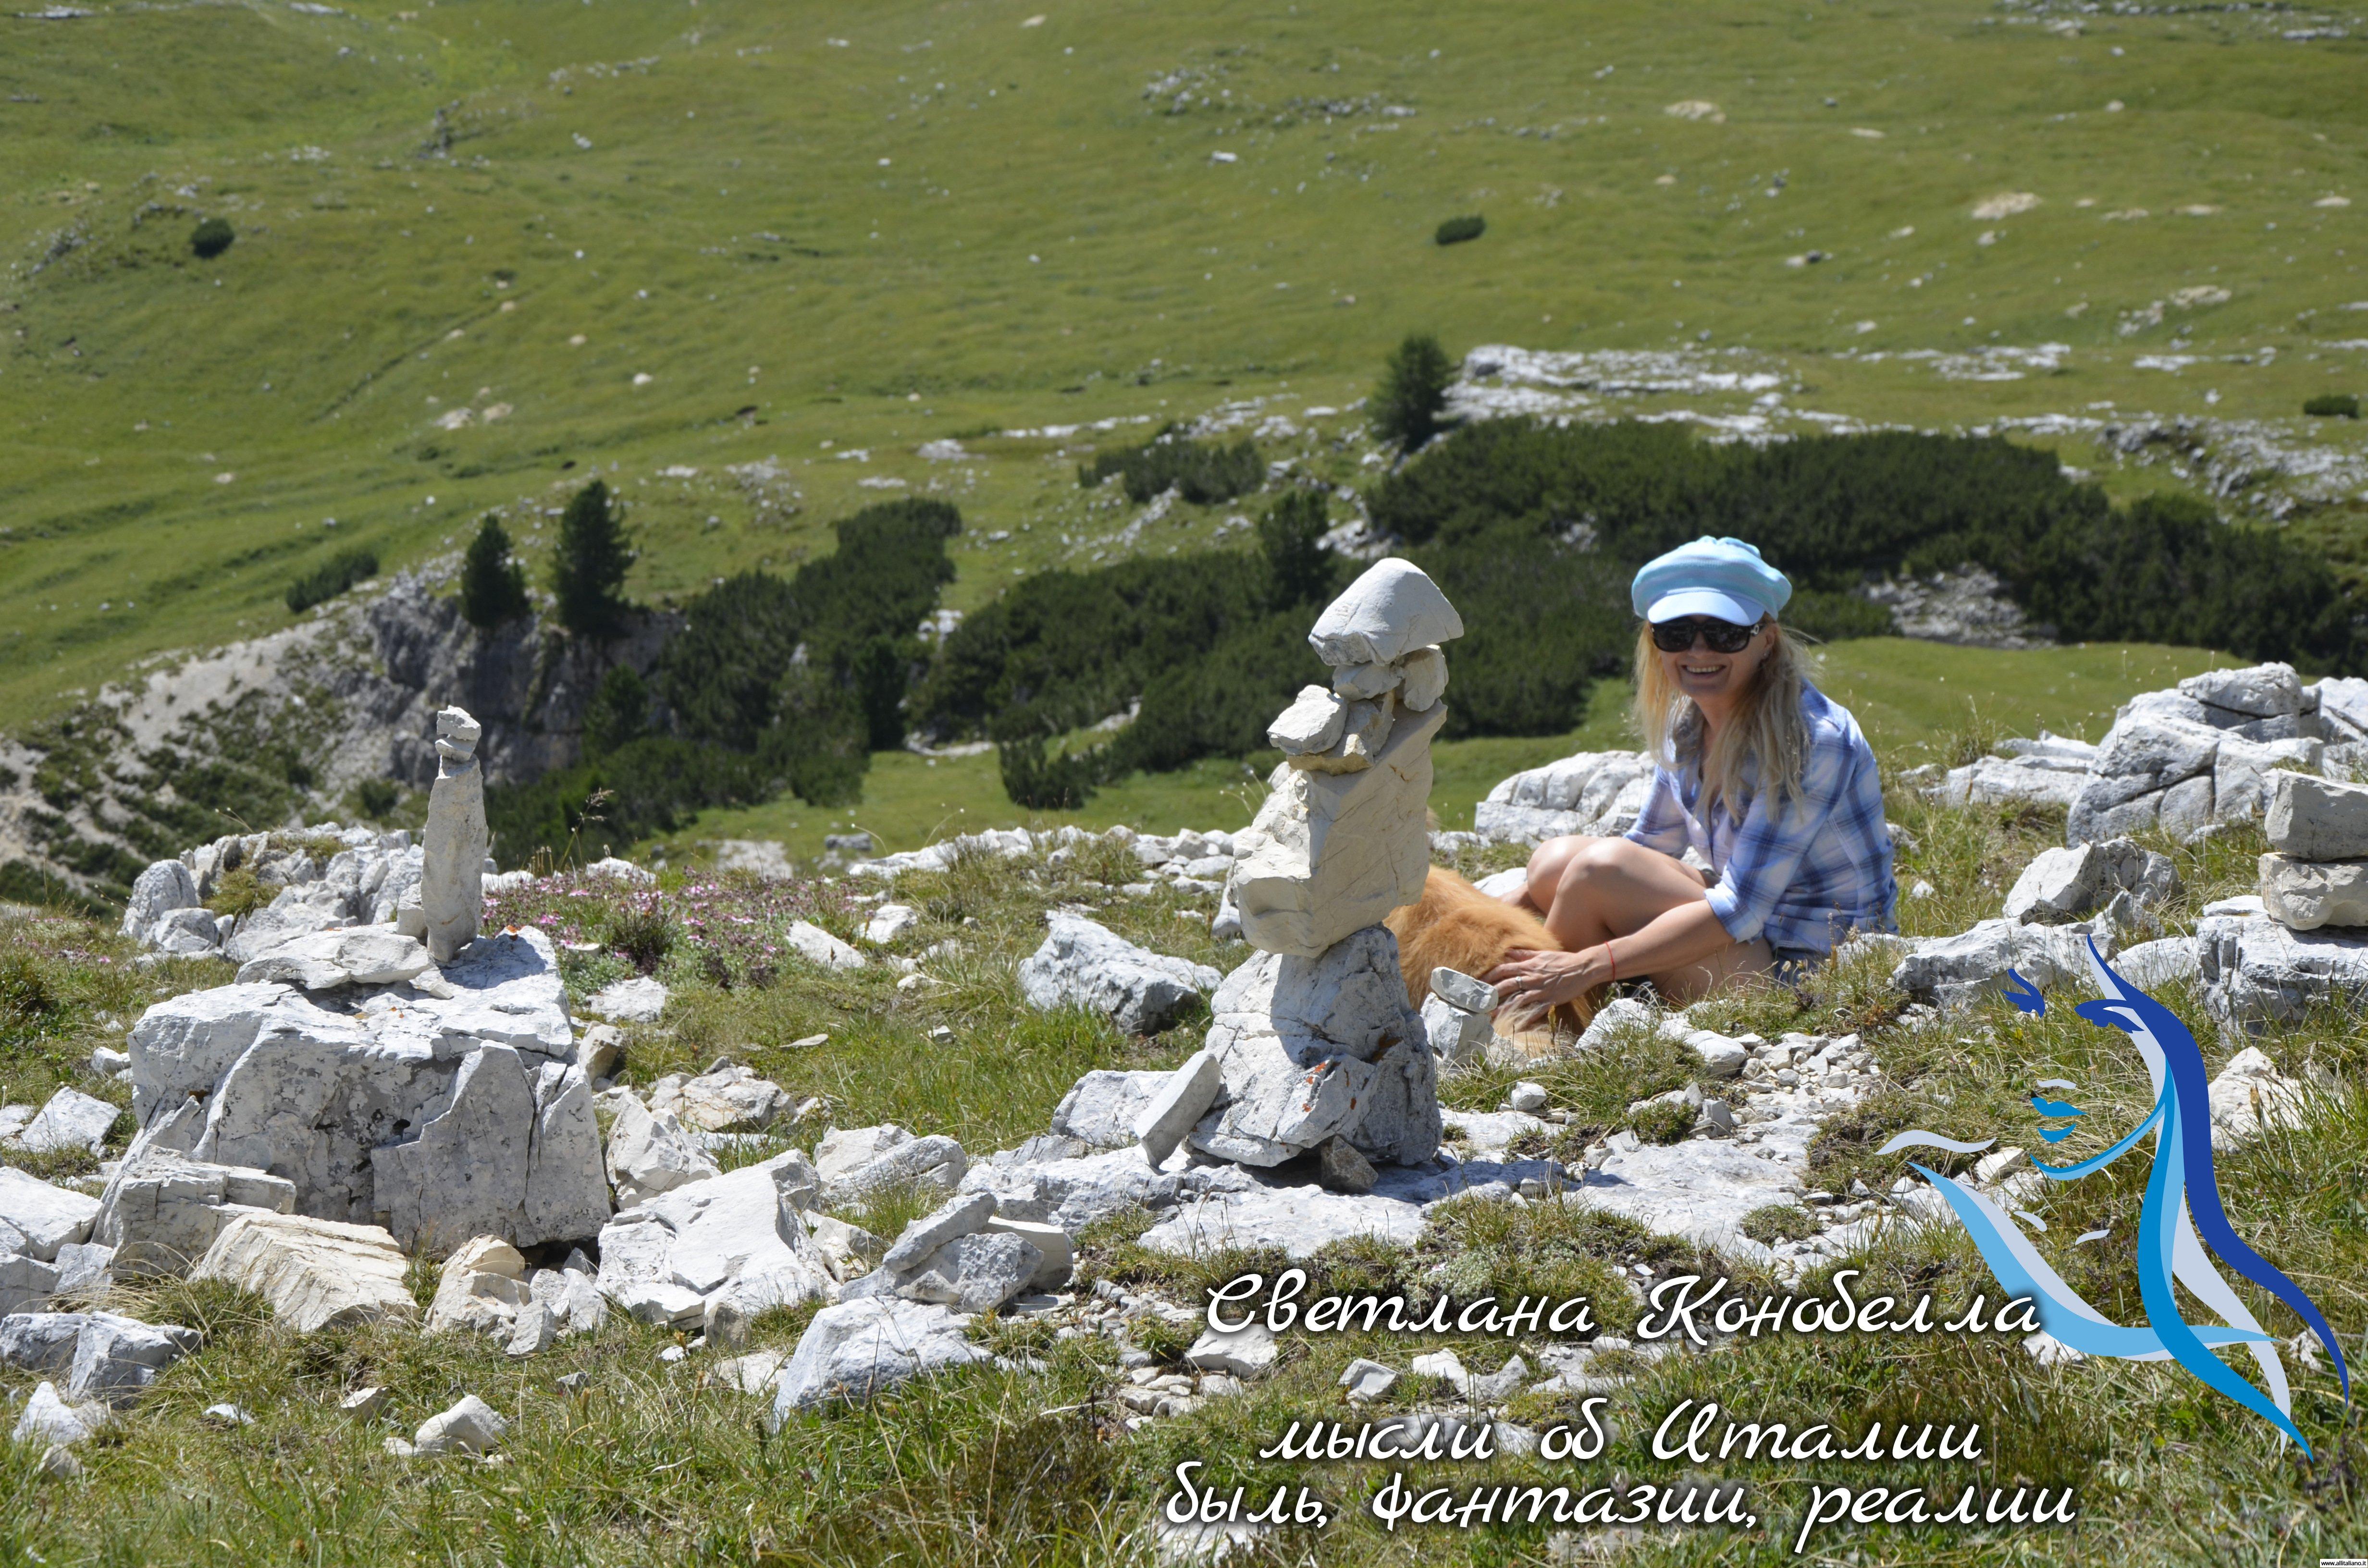 svetlana-konobella-italy-italia- gornye-puteshestvija-dolomitovye-alpy-trekking-hiking-juzhnyj-tirol-alto-adoge (8)